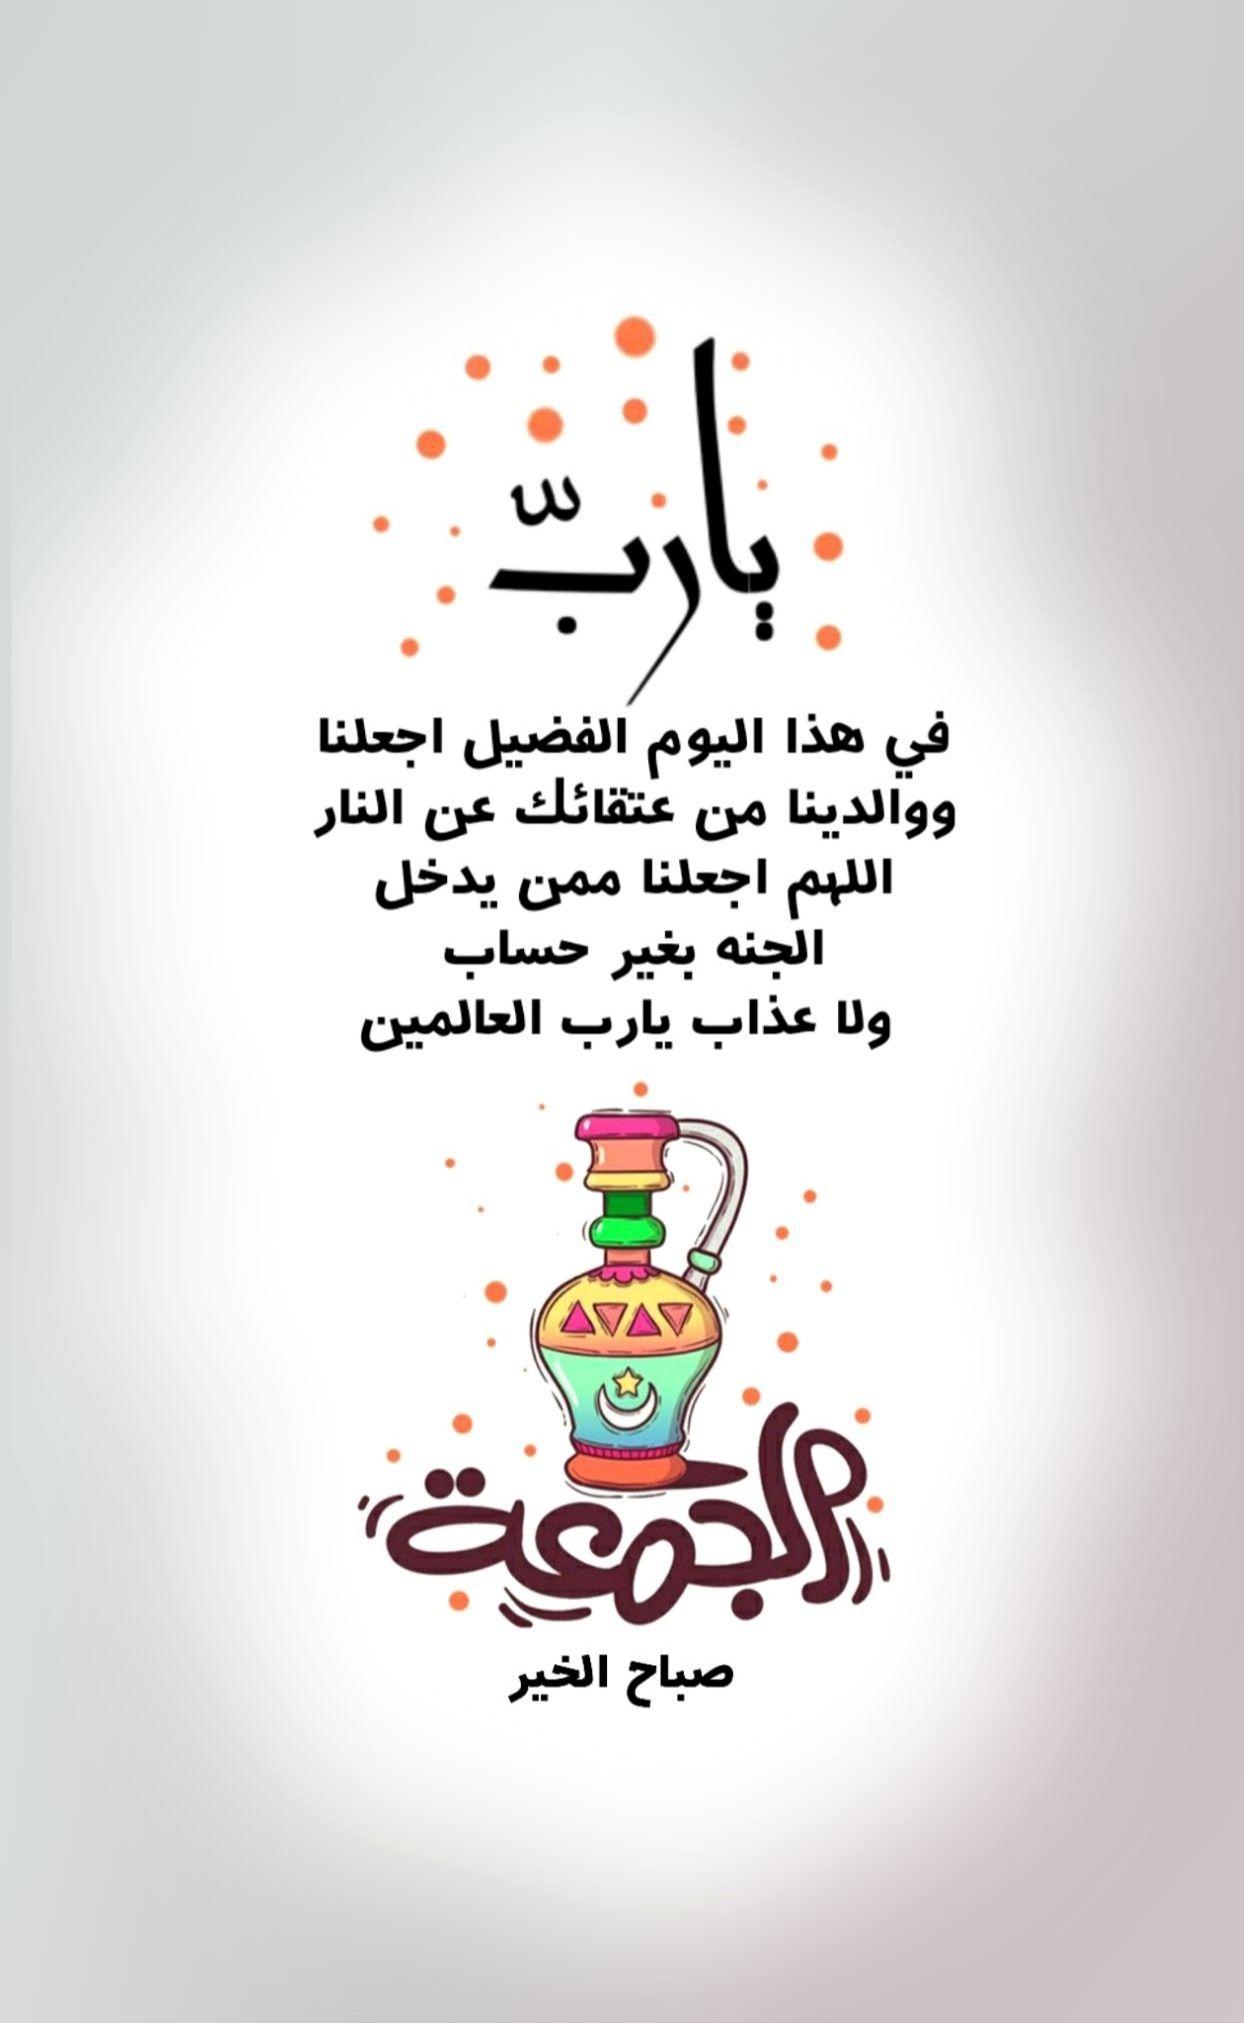 الـجــمــعـــــة ي ار ب في هذا اليوم الفضيل اجعلنا ووالدينا من عتقائك عن النار اللهم اجعلنا ممن يدخل Good Morning Arabic Blessed Friday Quran Quotes